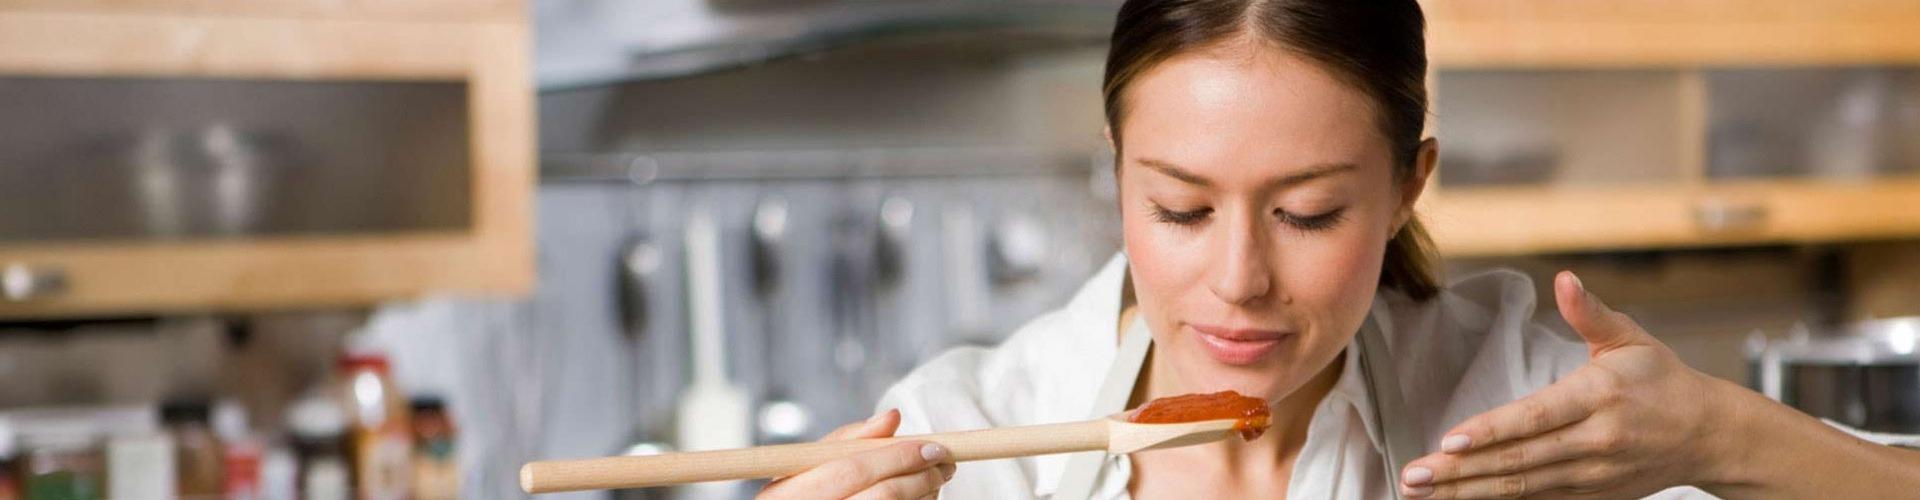 Szakácskönyvből, blogról vagy a nagymama receptjeiből főzzek?